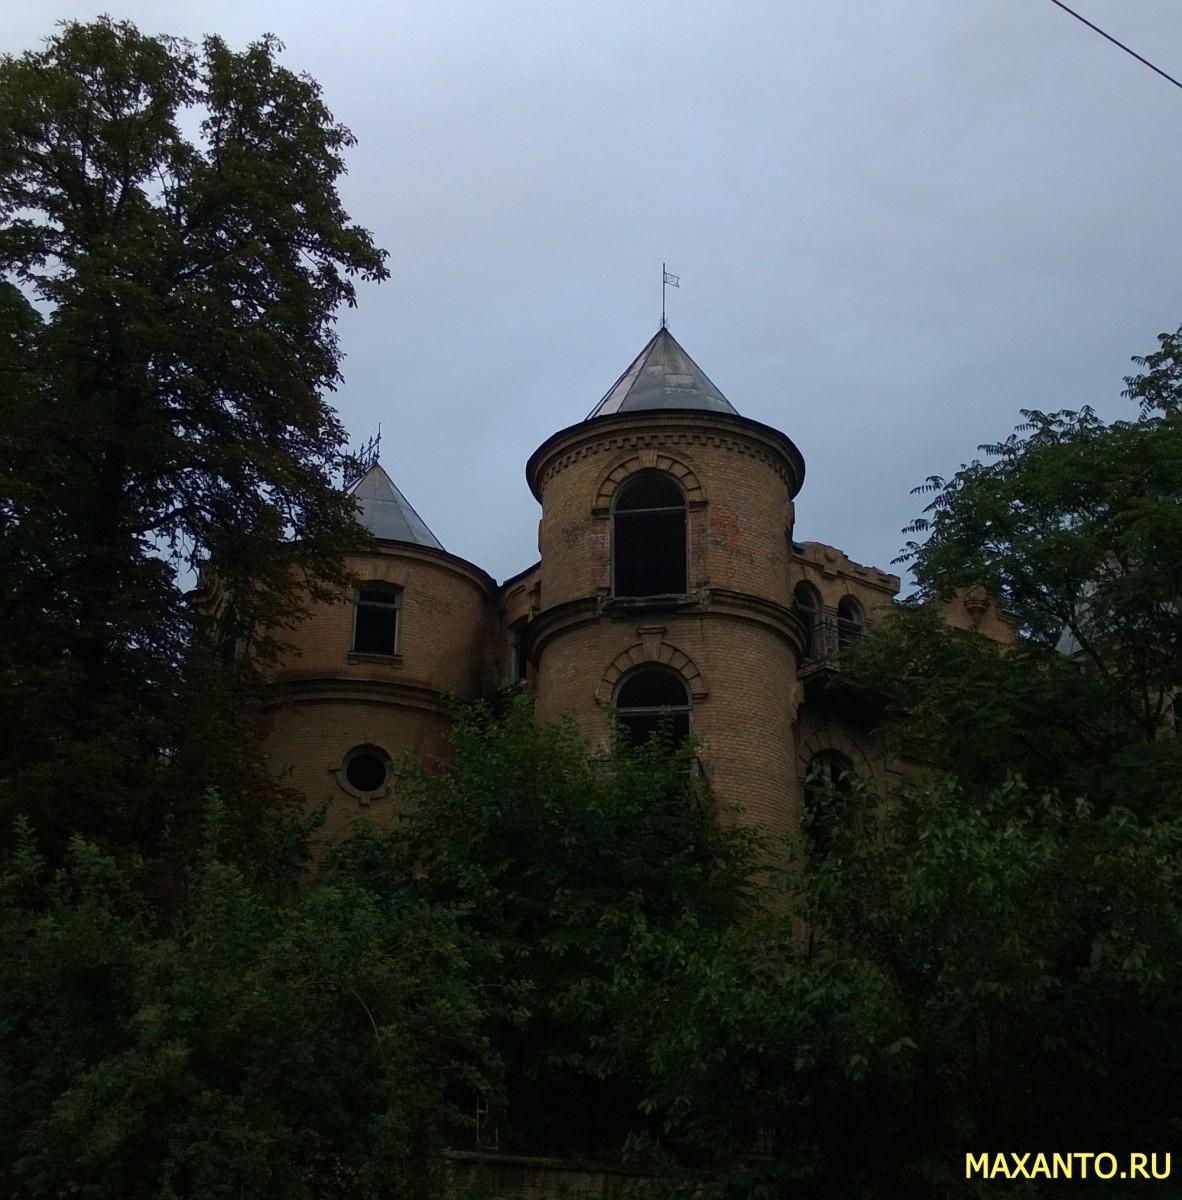 Дача Эльзы, Пятигорск